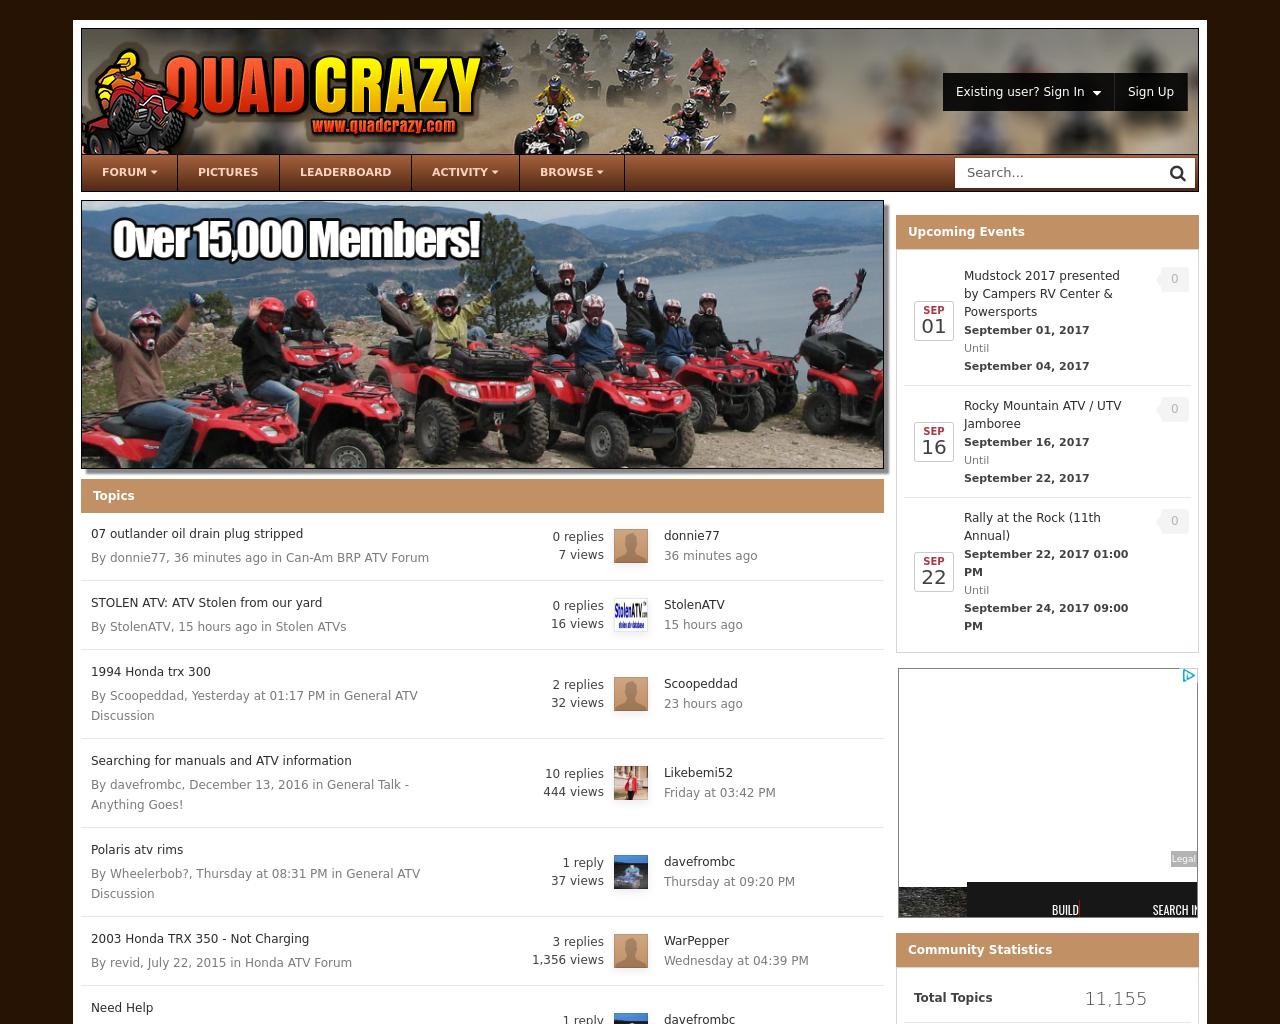 QUADCRAZY-Advertising-Reviews-Pricing